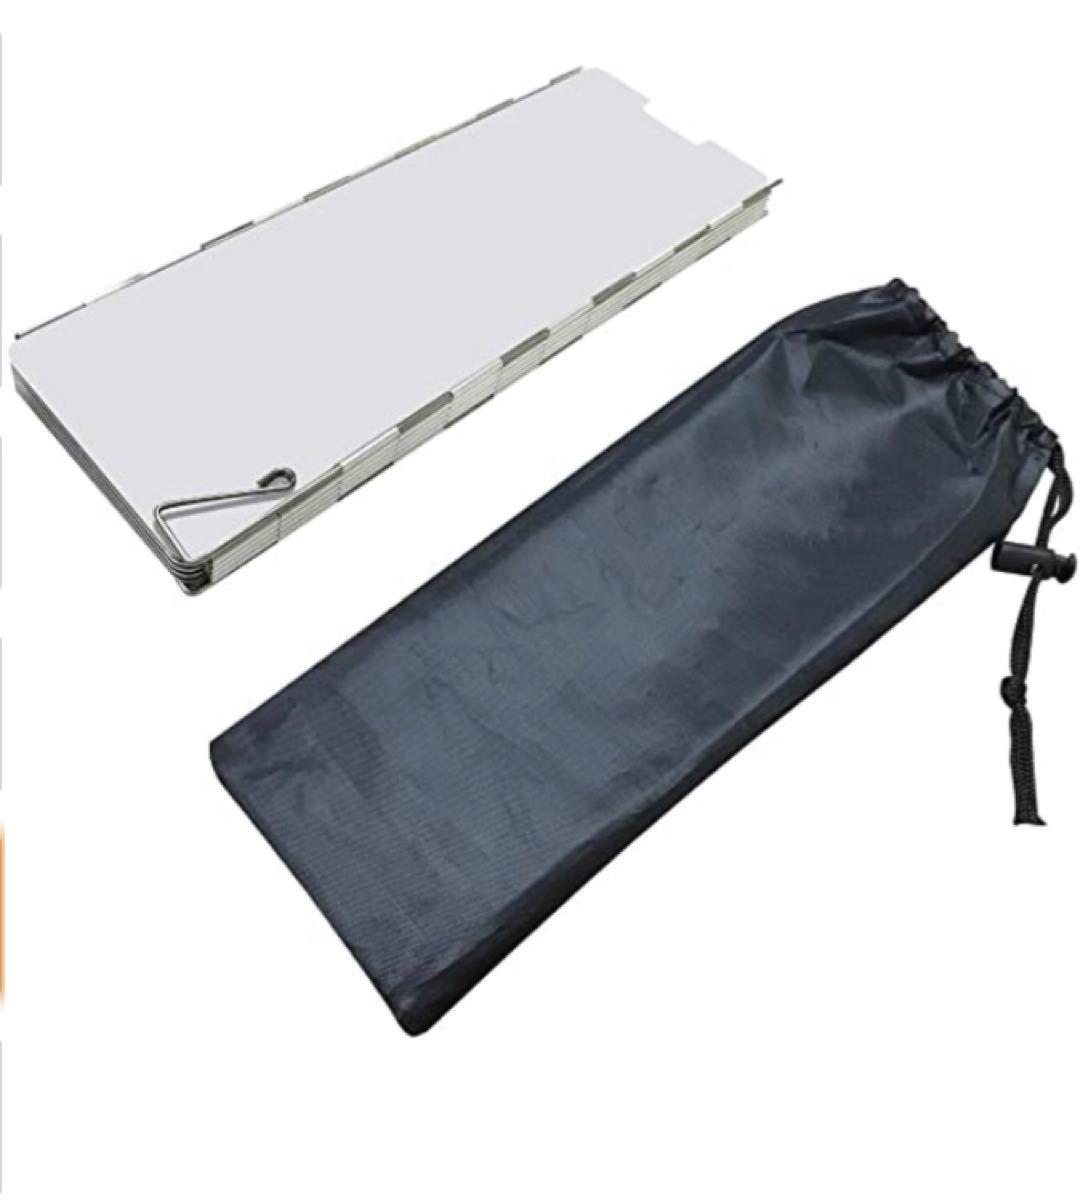 風除板 ウインドスクリーン 折り畳み式 防風板 アルミ製 軽量 収納袋付き10枚